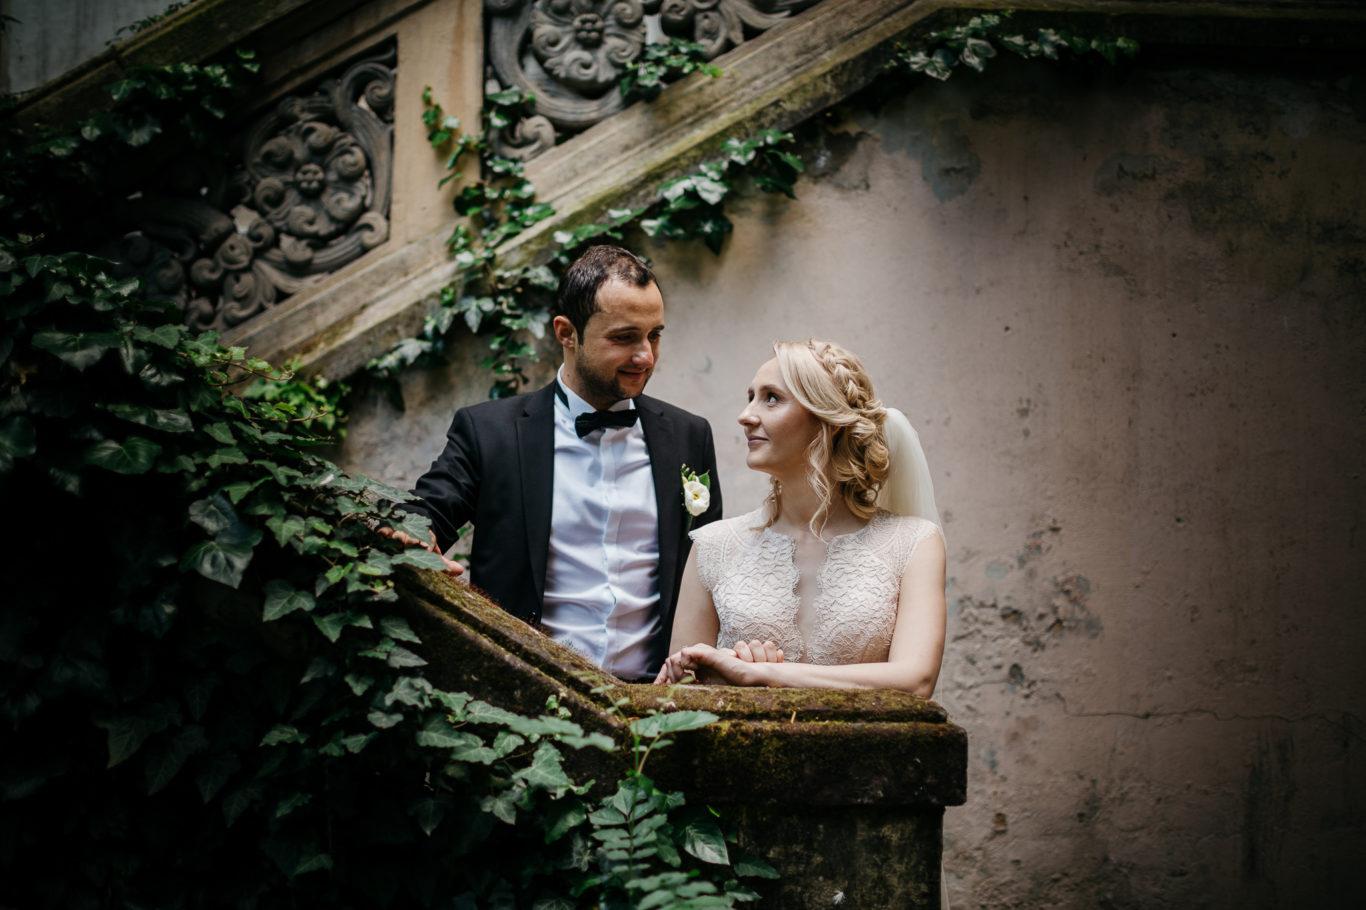 0450-Fotografie-nunta-Mirela-Iulian-fotograf-Ciprian-Dumitrescu-DCF_7175